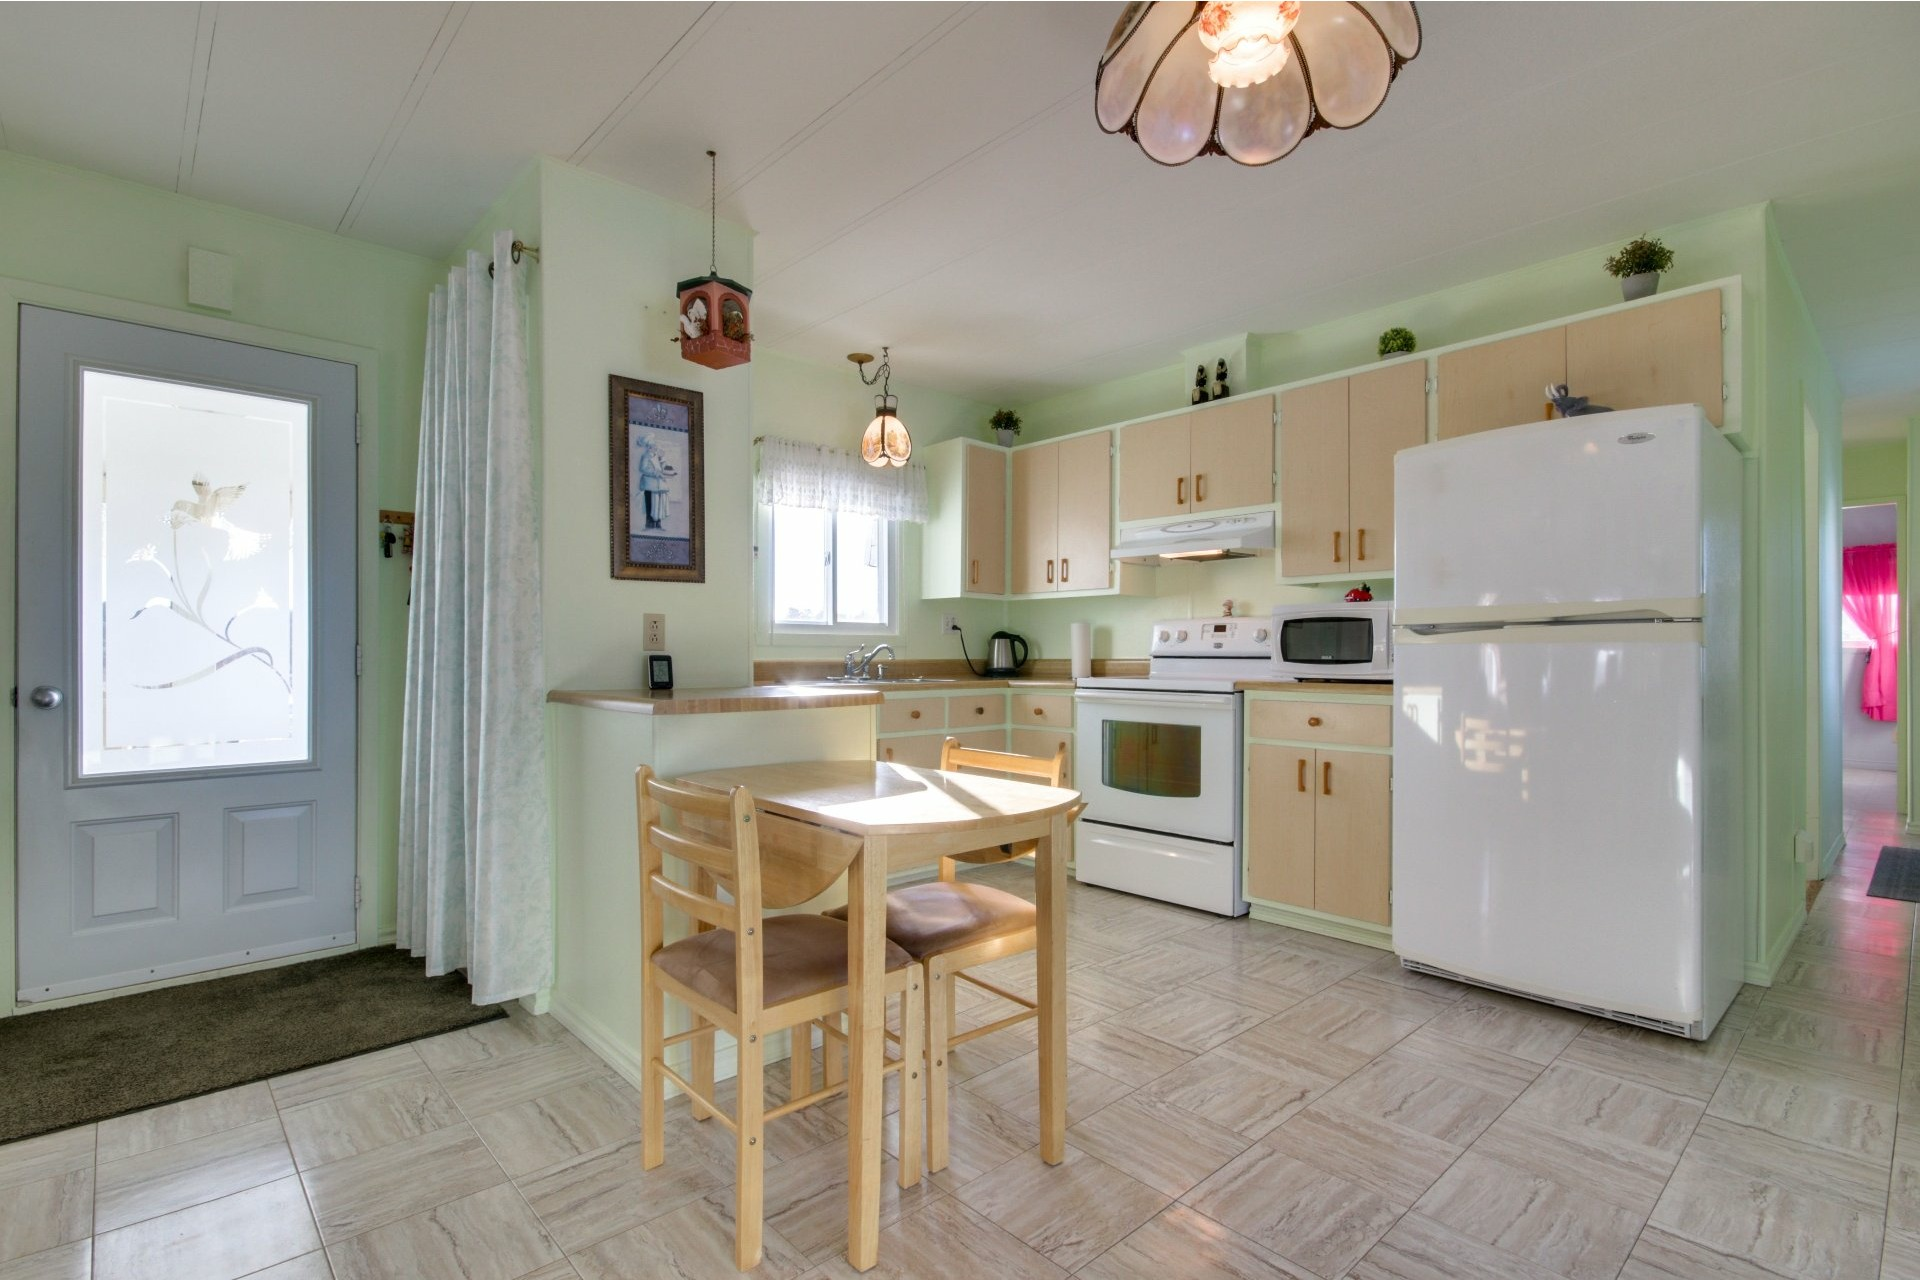 image 7 - House For sale Saint-Pierre-les-Becquets - 6 rooms